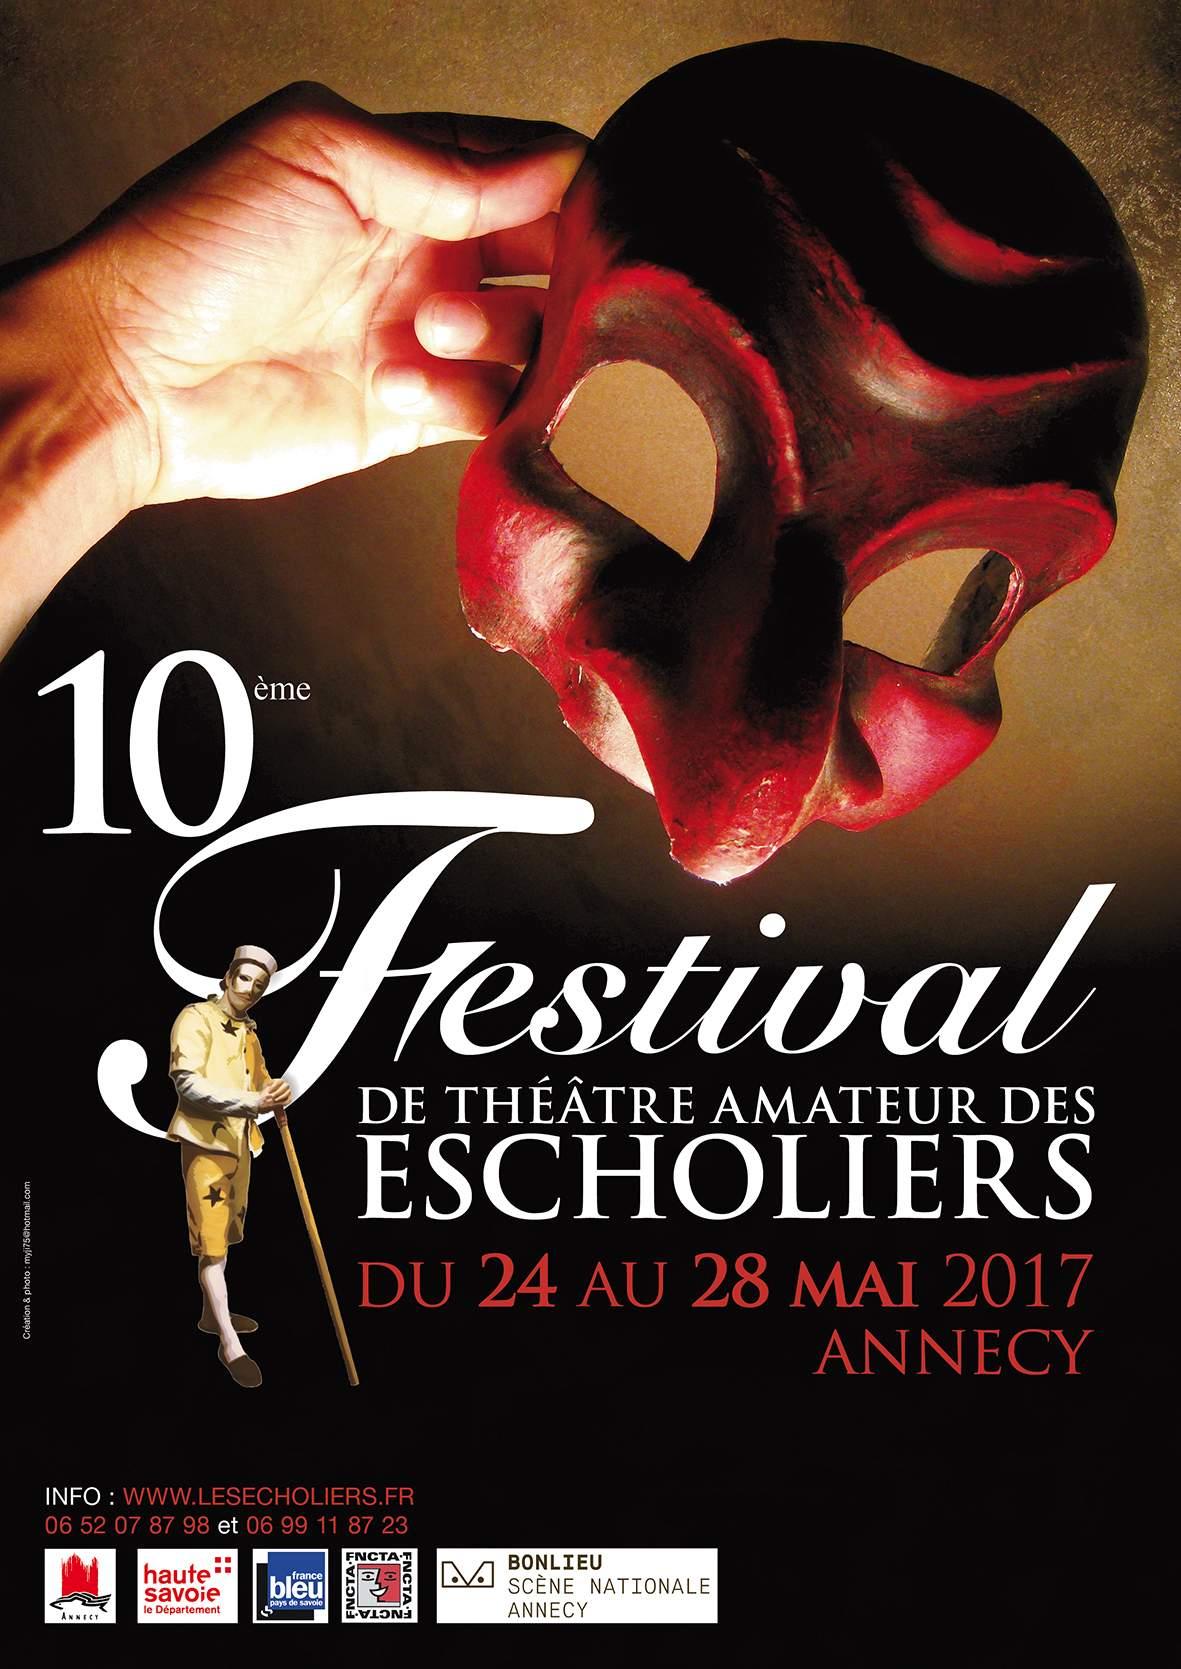 9eme-Festival-Escholiers_2016